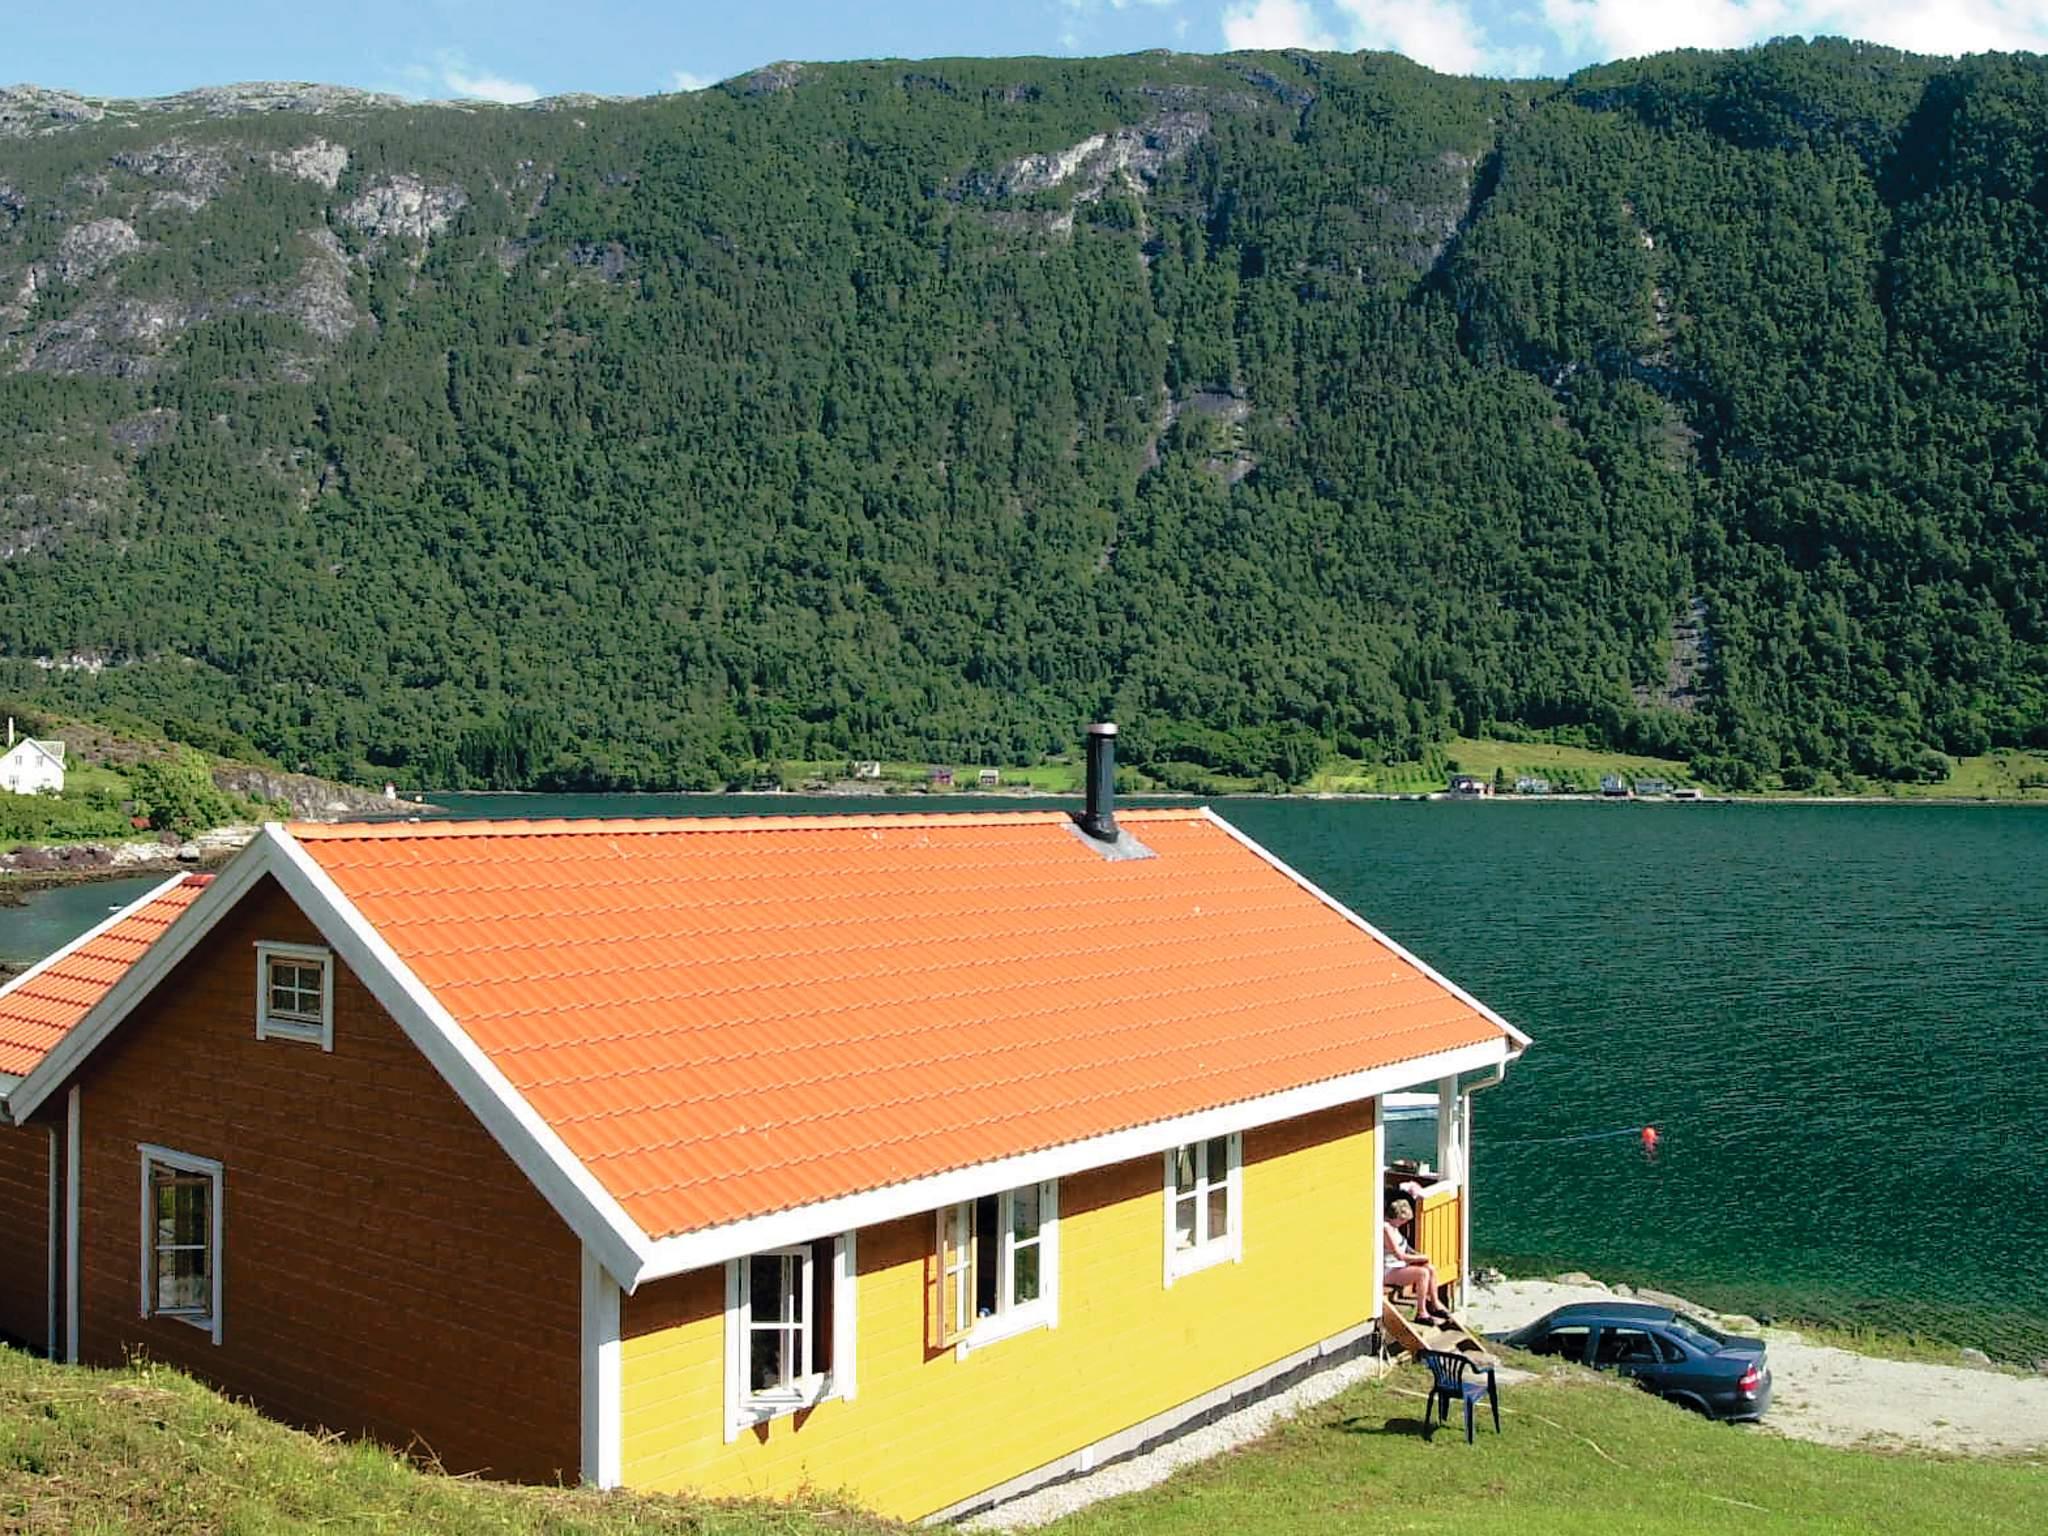 Ferienhaus Slinde (82397), Slinde, Sognefjord - Nordfjord, Westnorwegen, Norwegen, Bild 29